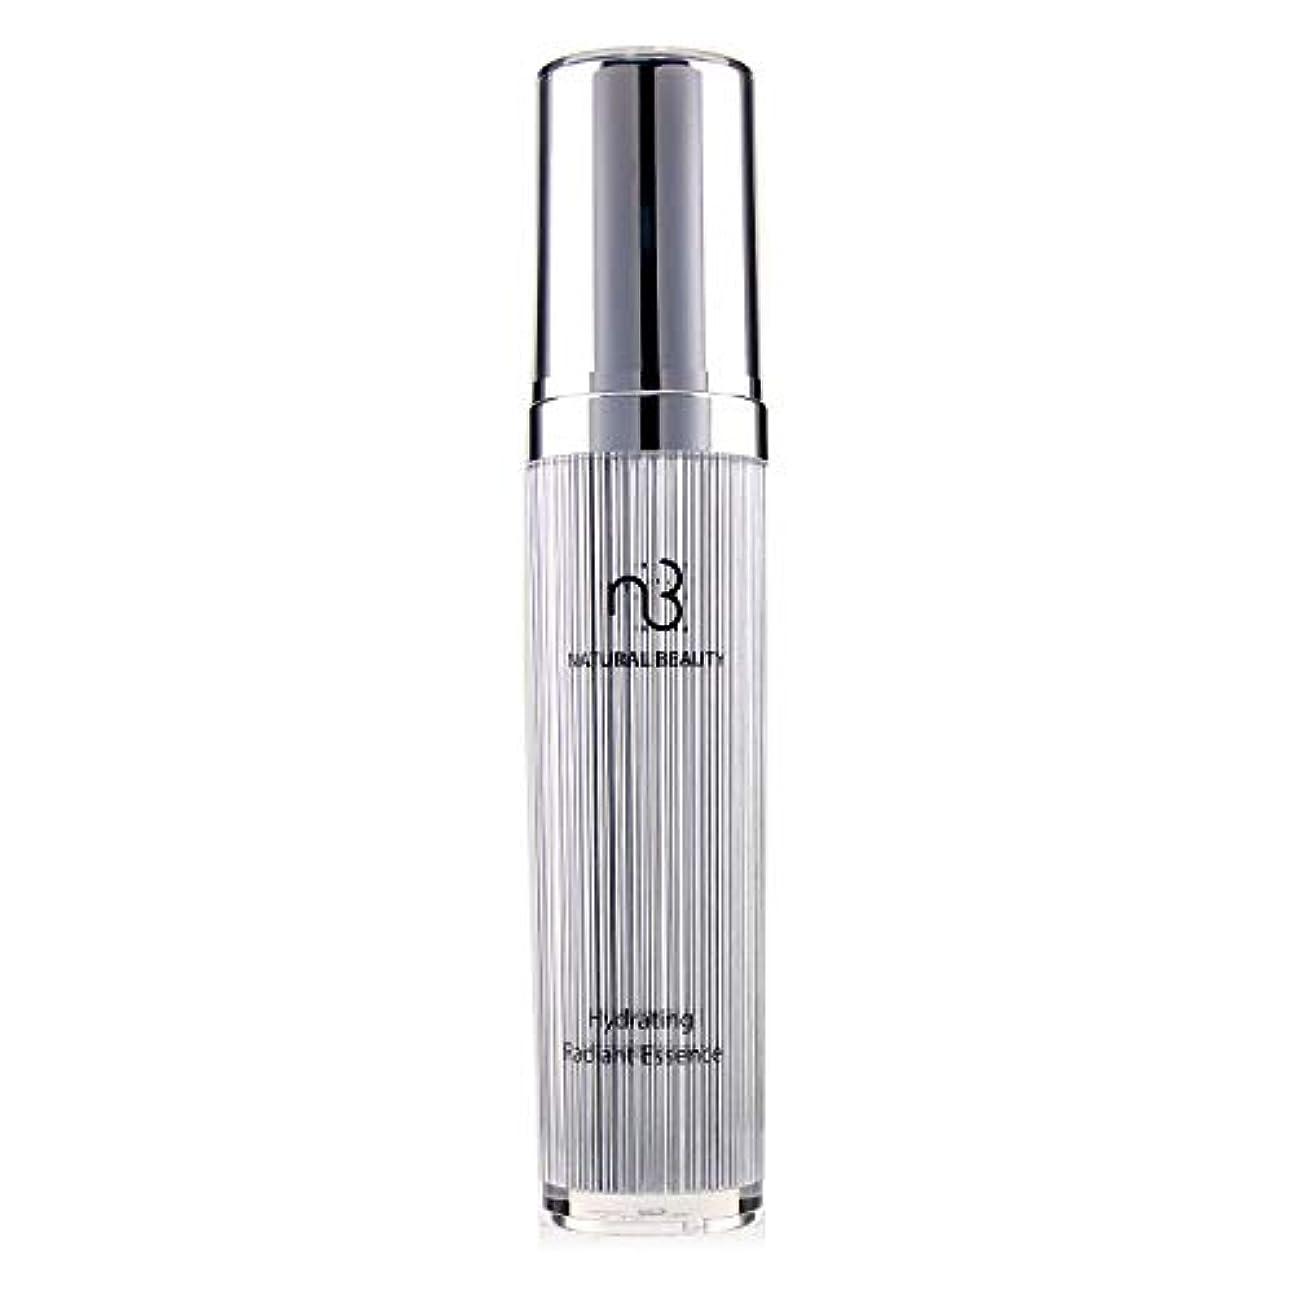 悲観的解明する摘む自然の美 ハイドレイティングラディアントエッセンス Natural Beauty Hydrating Radiant Essence 50ml/1.7oz並行輸入品